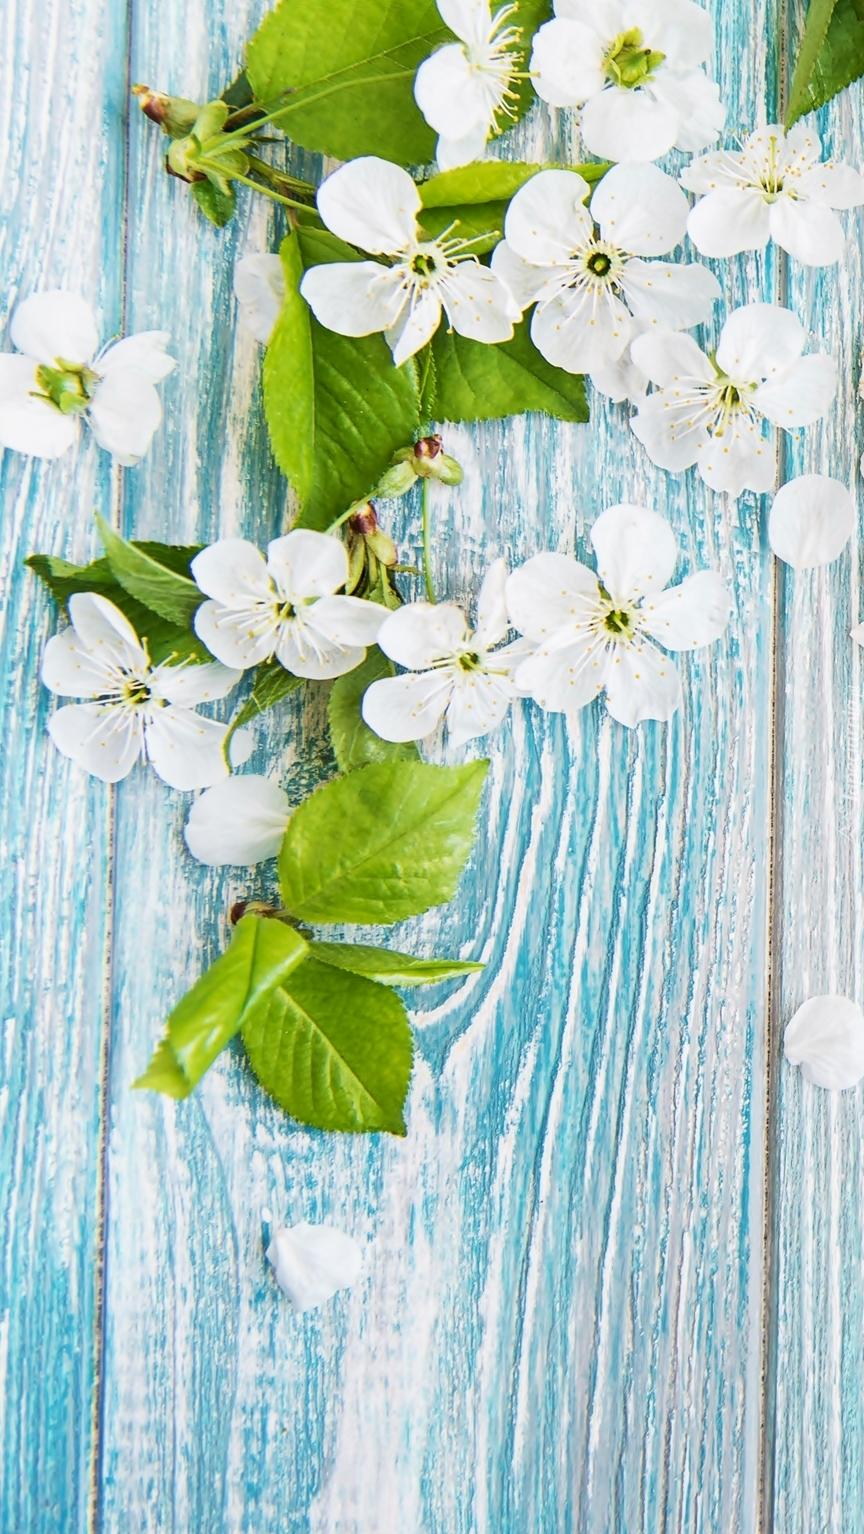 Kwiatki na deskach